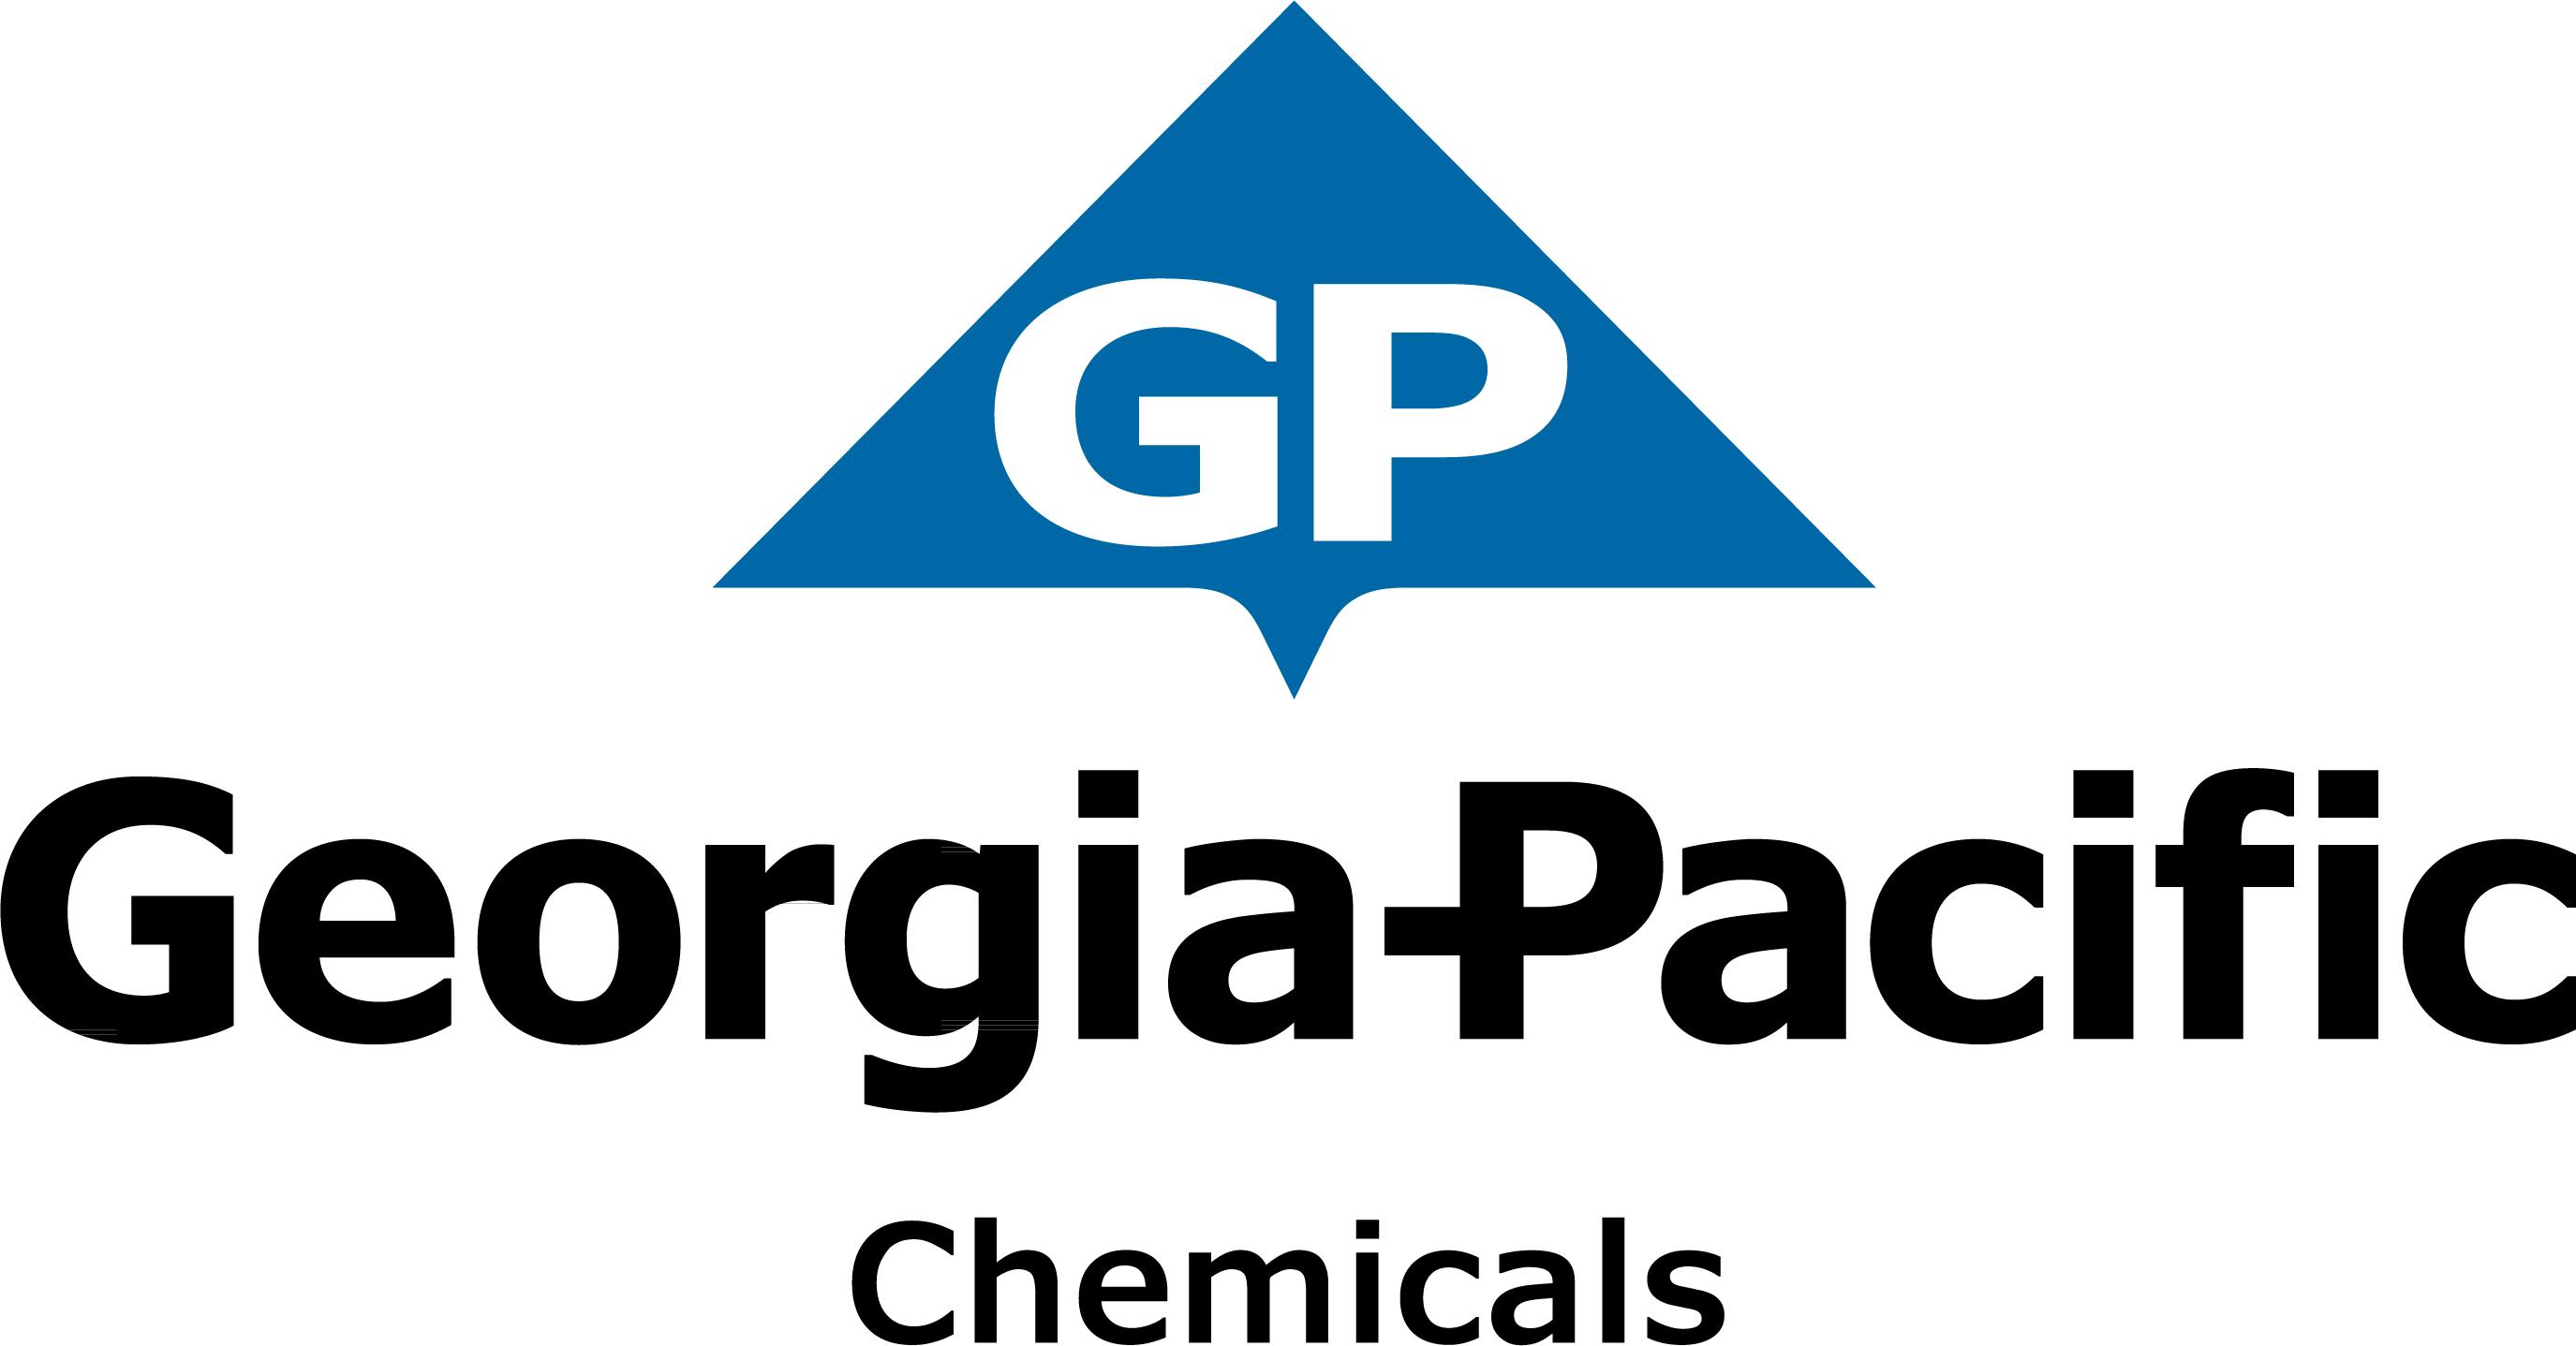 Georgia-Pacific Chemicals logo